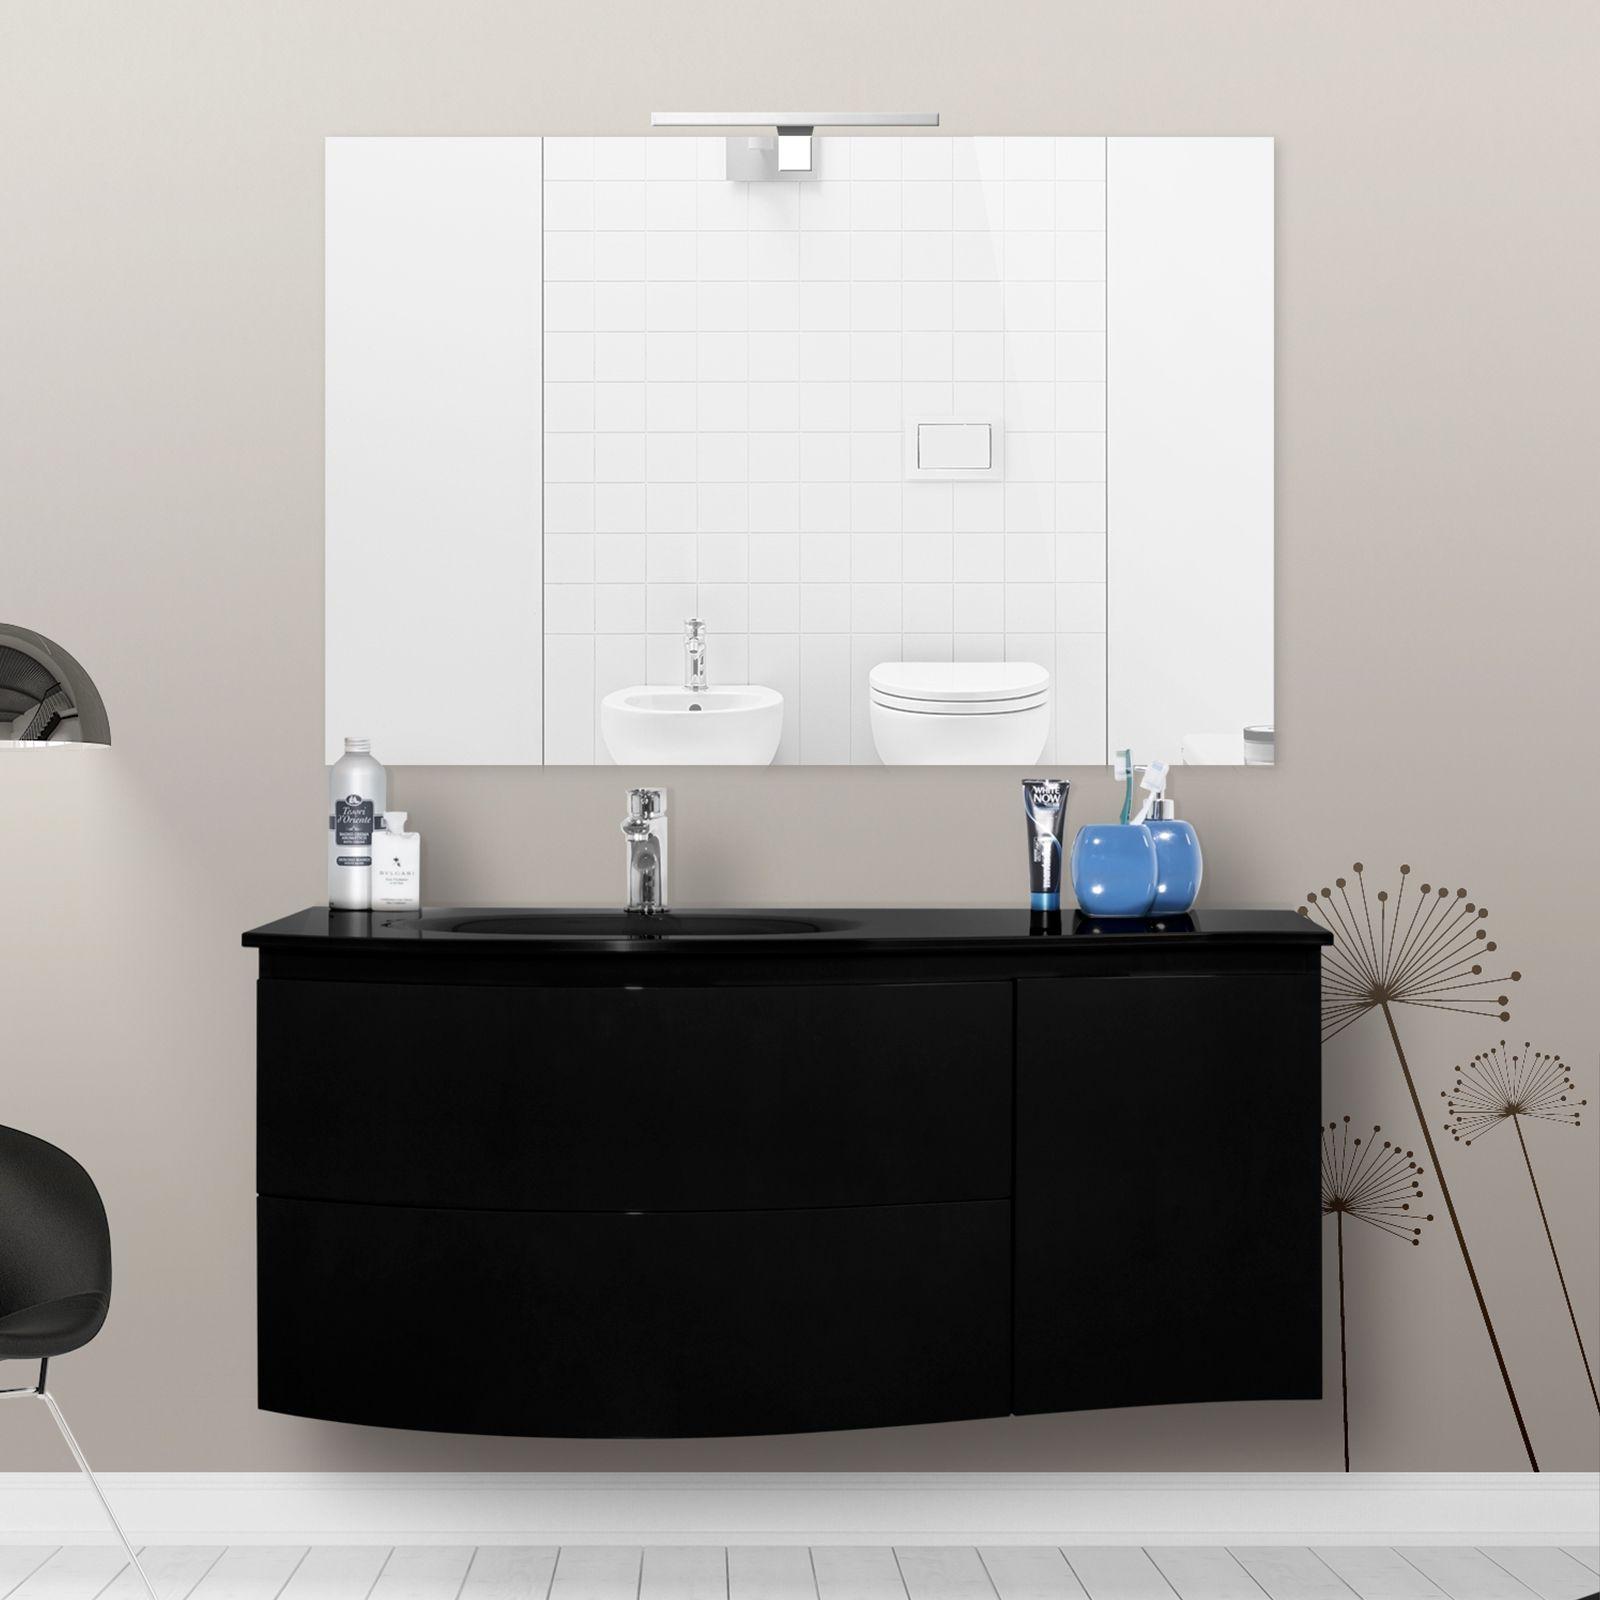 Idee soggiorno maison du monde - Mobile bagno contemporaneo ...